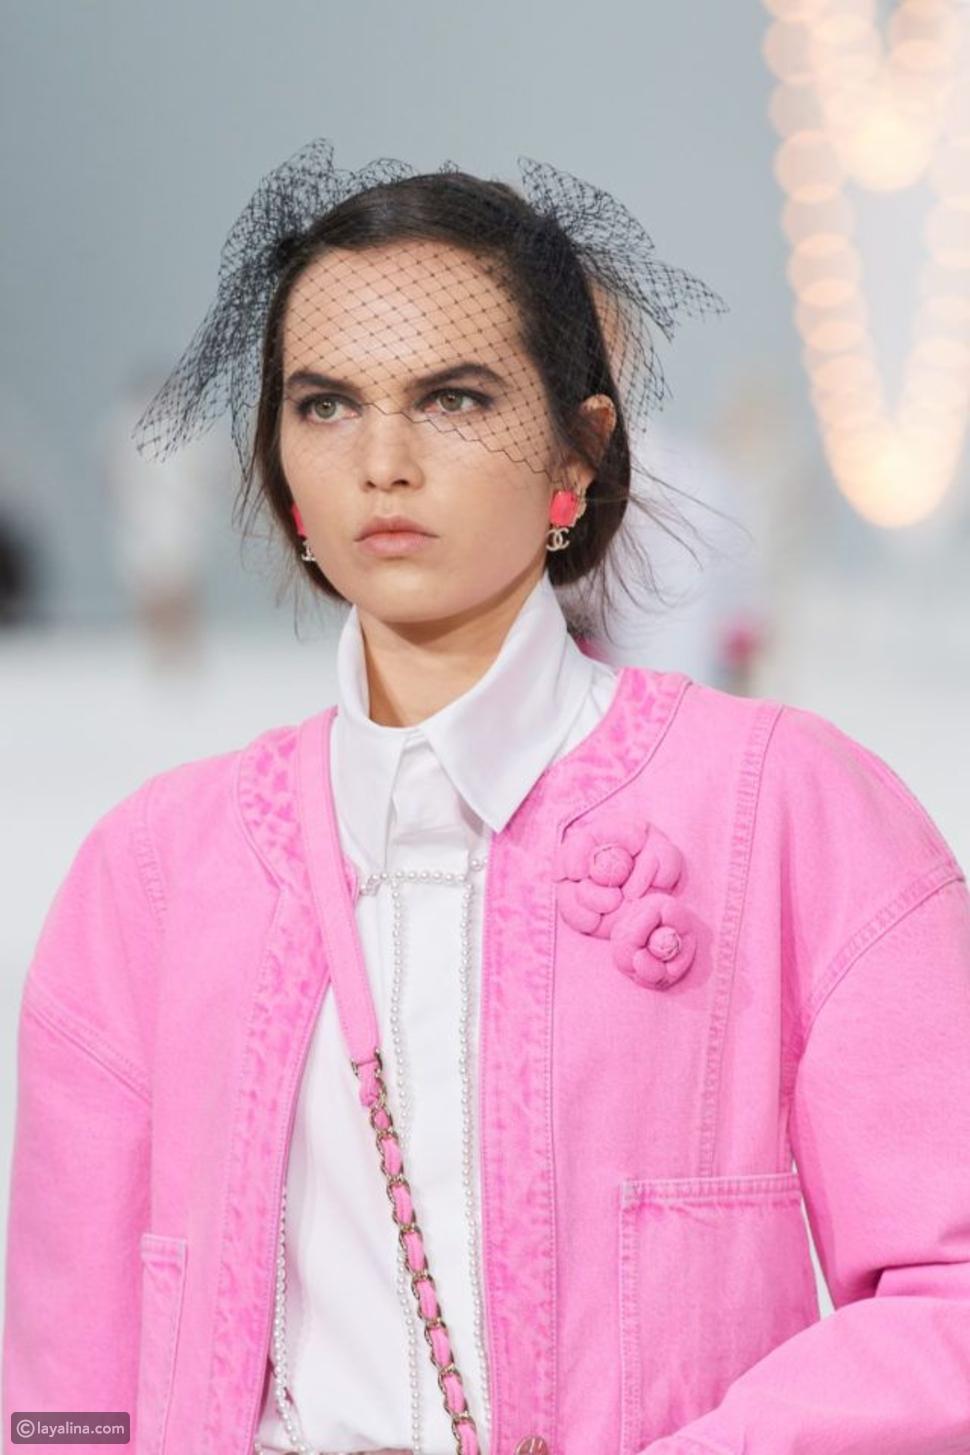 قميص مزين بالؤلؤ من Chanel